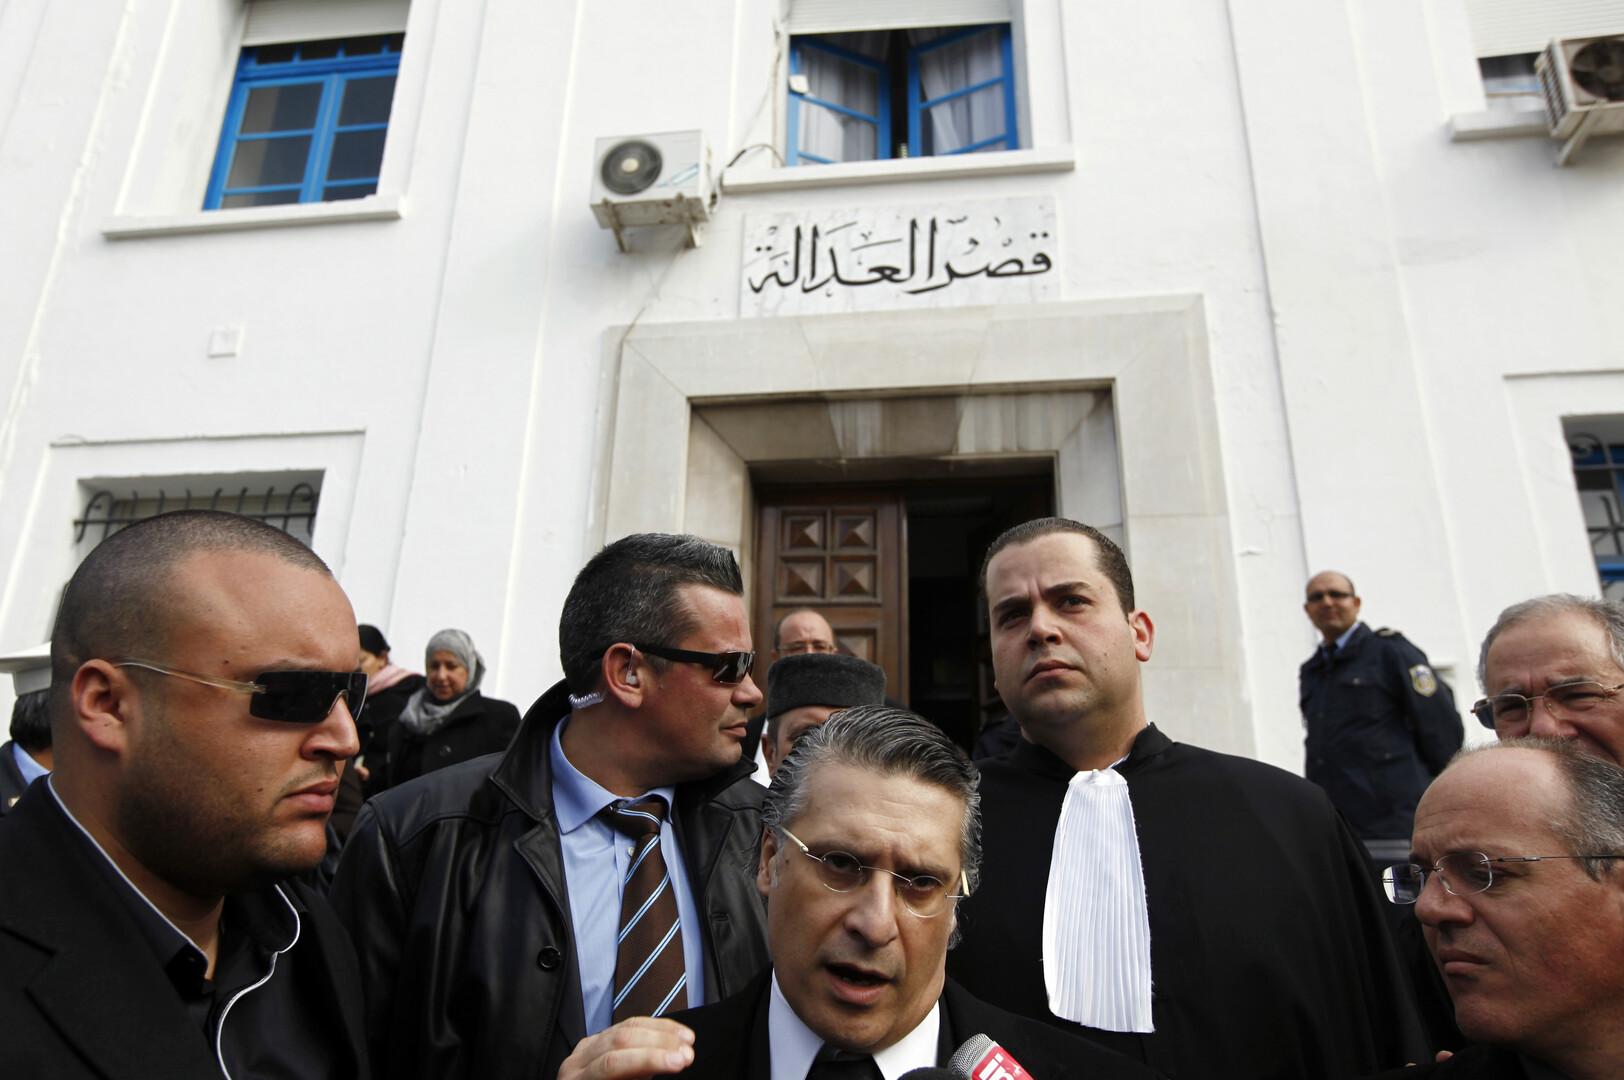 القضاء التونسي يرفض السماح للمرشح الموقوف نبيل القروي بإجراء مقابلة تلفزيونية